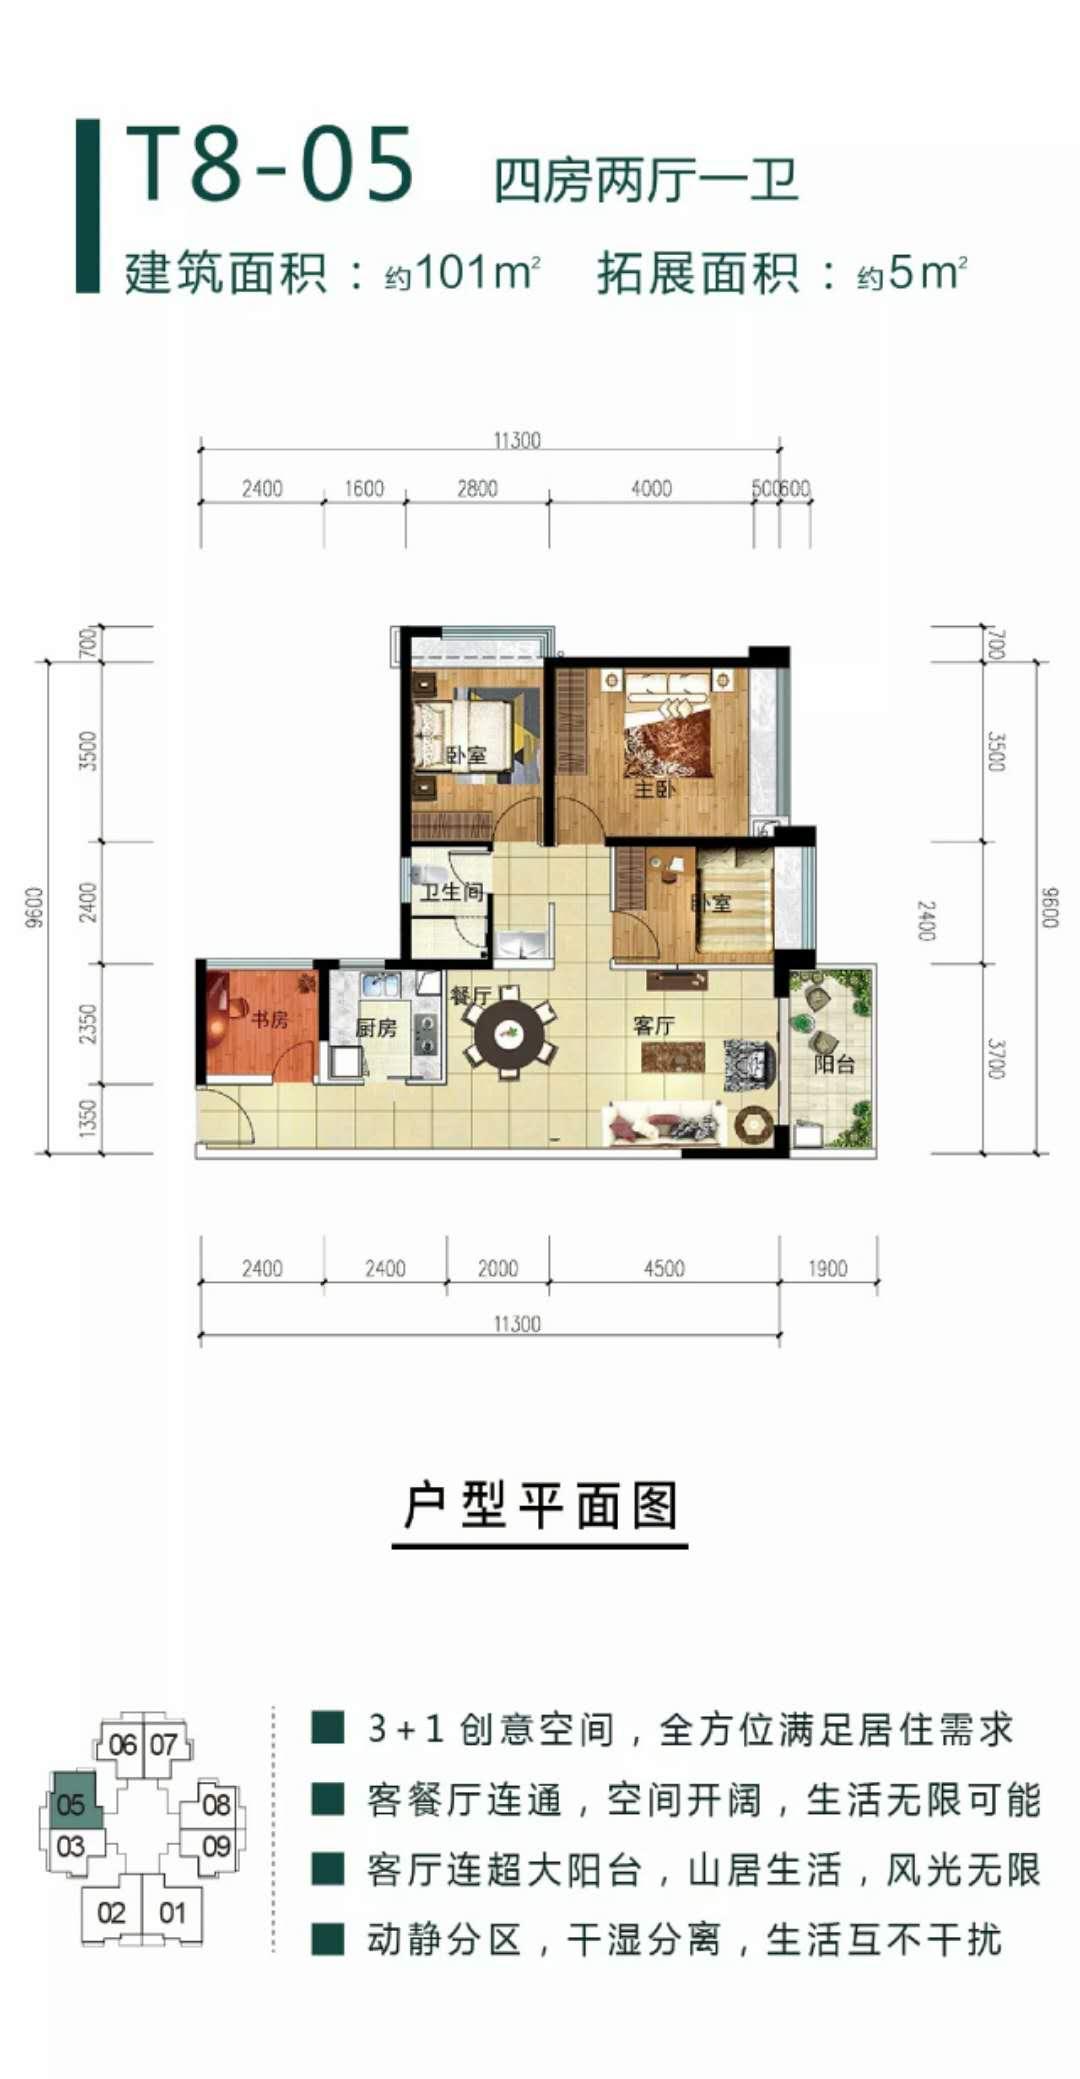 T8洋房 4房2厅1卫 约101平